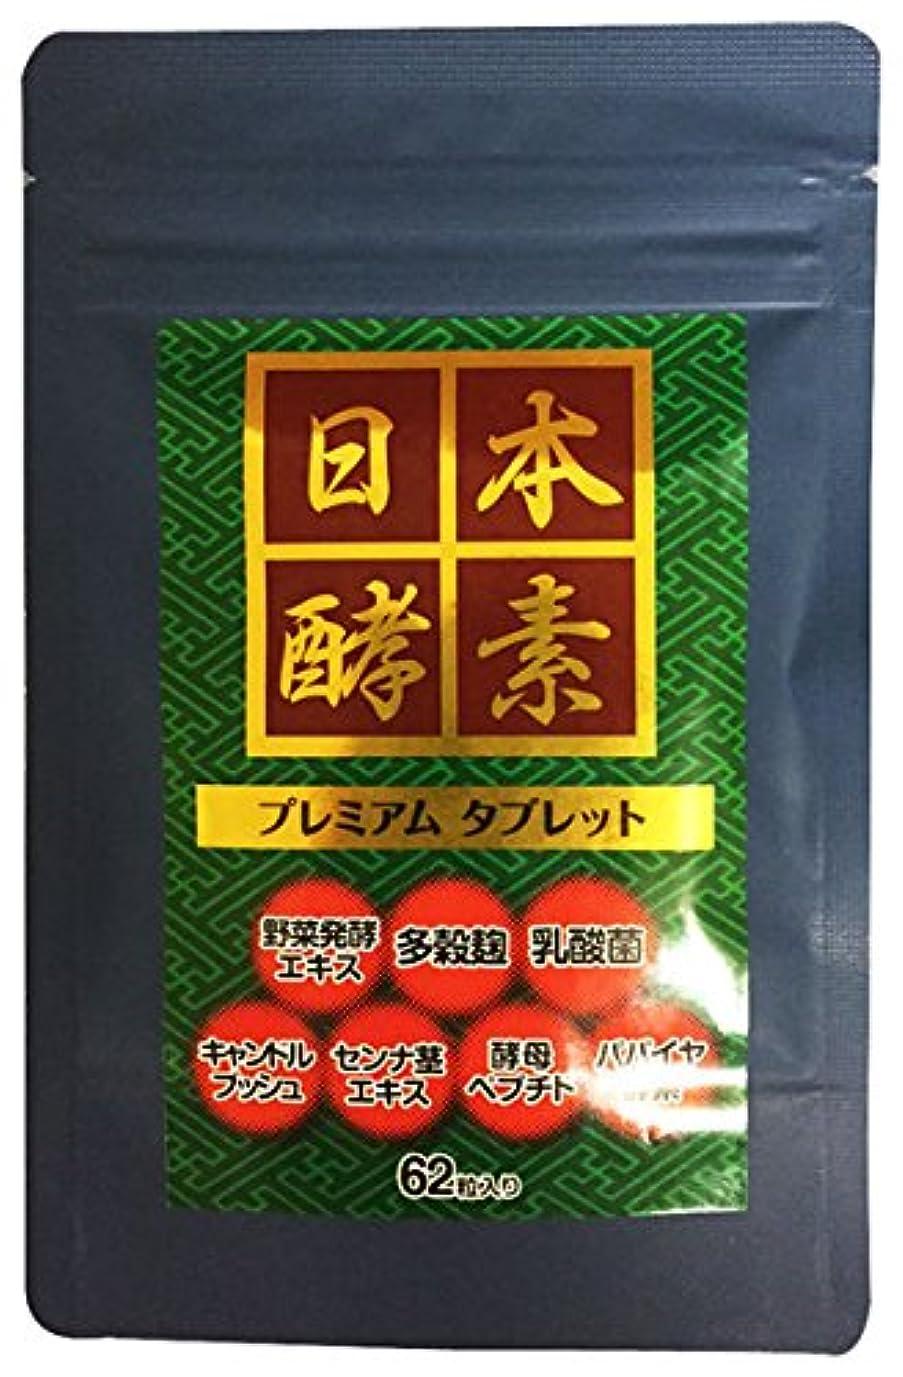 戦術おもてなし吸う日本酵素プレミアムタブレット 62粒